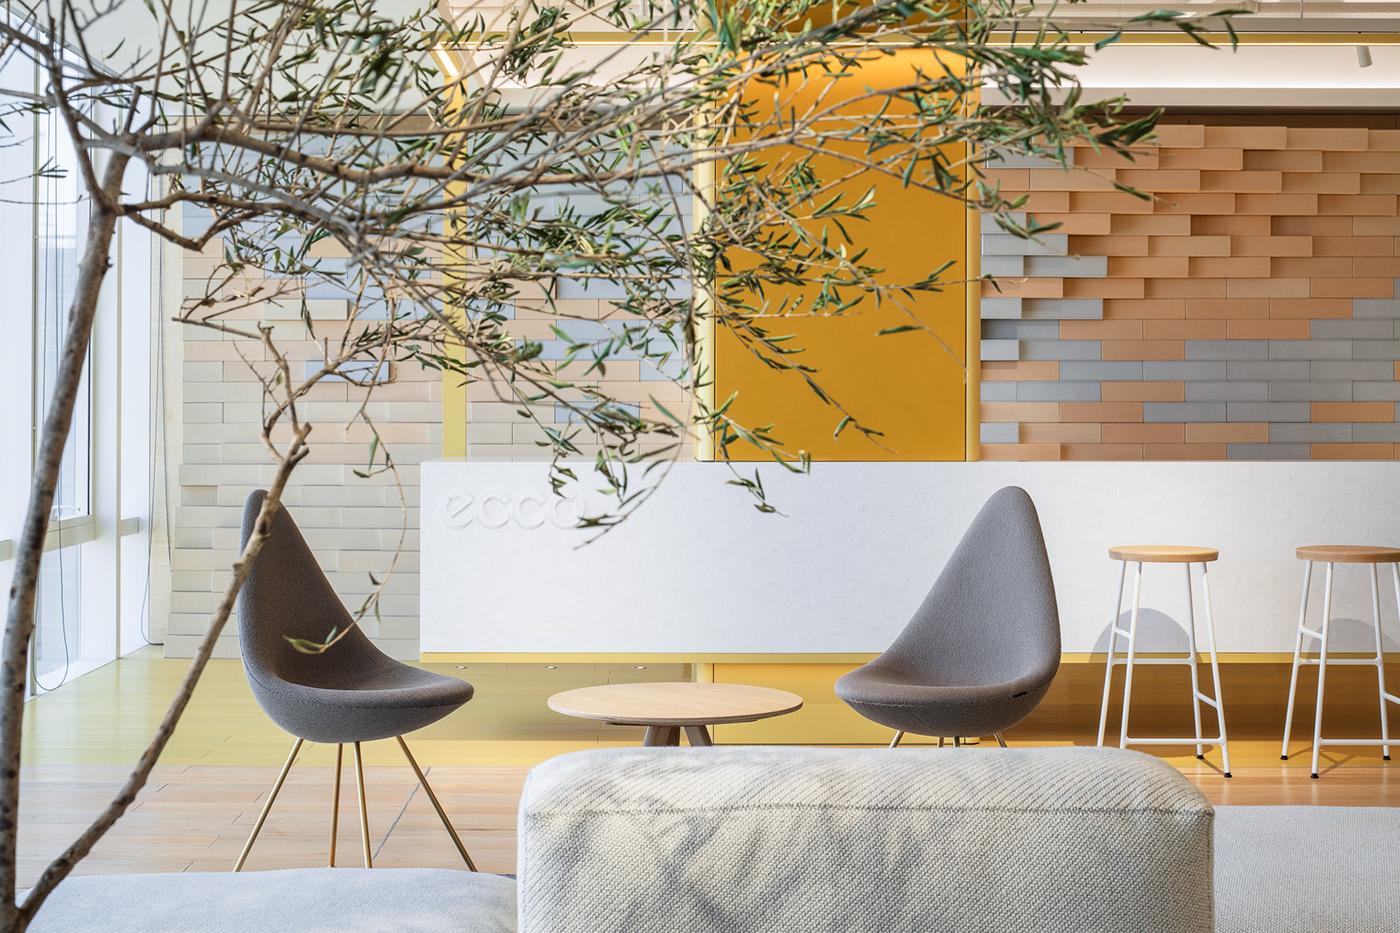 ECCO HONG Designworks interior design  Interior Photography Office Photography  SDCIC studio TEN Tan xiao xi'an